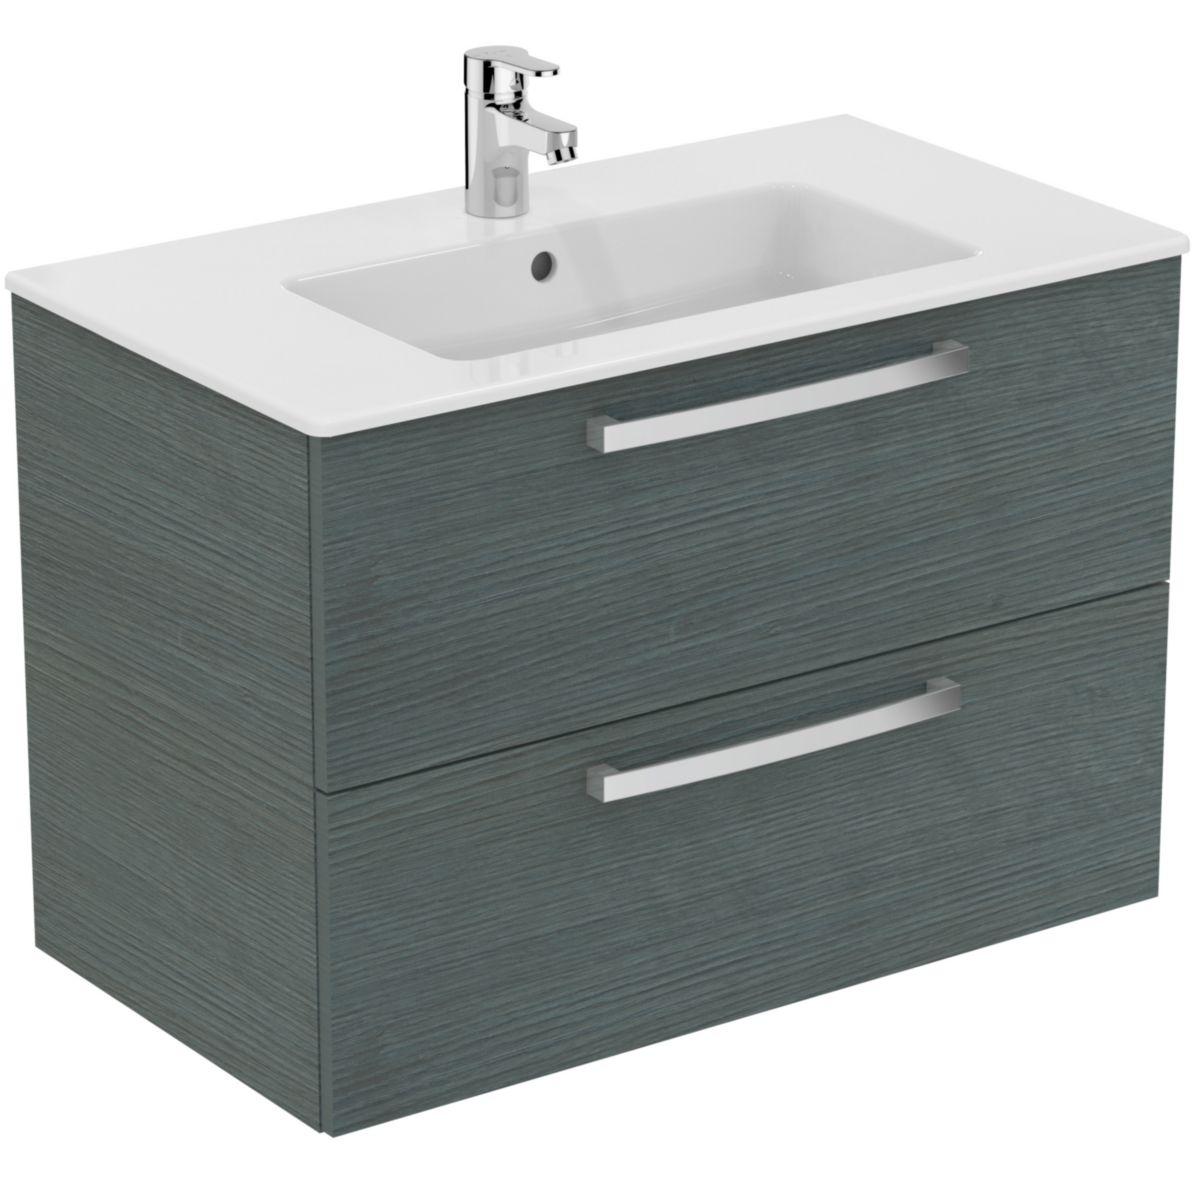 Salle De Bain Ottofond ~ meuble salle de bain ulysse salle de bain design rangement et d co